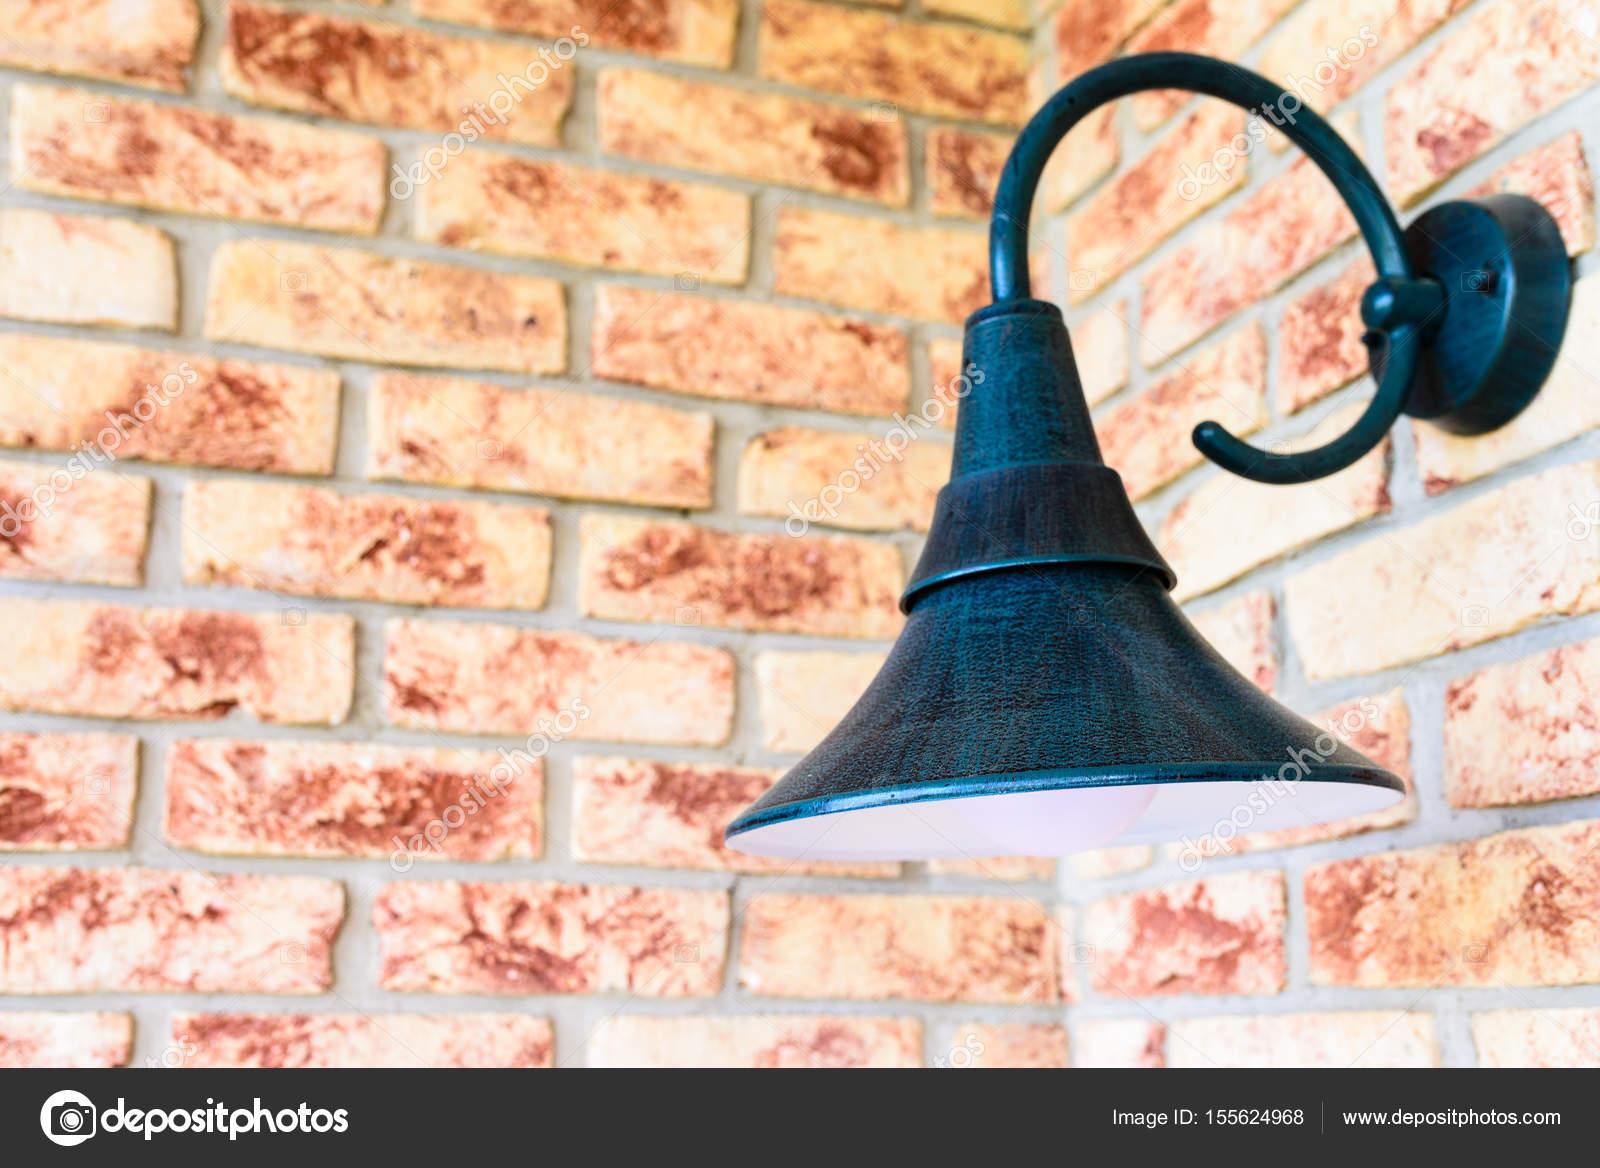 Lampada da parete retrò vintage applique sul muro di mattoni